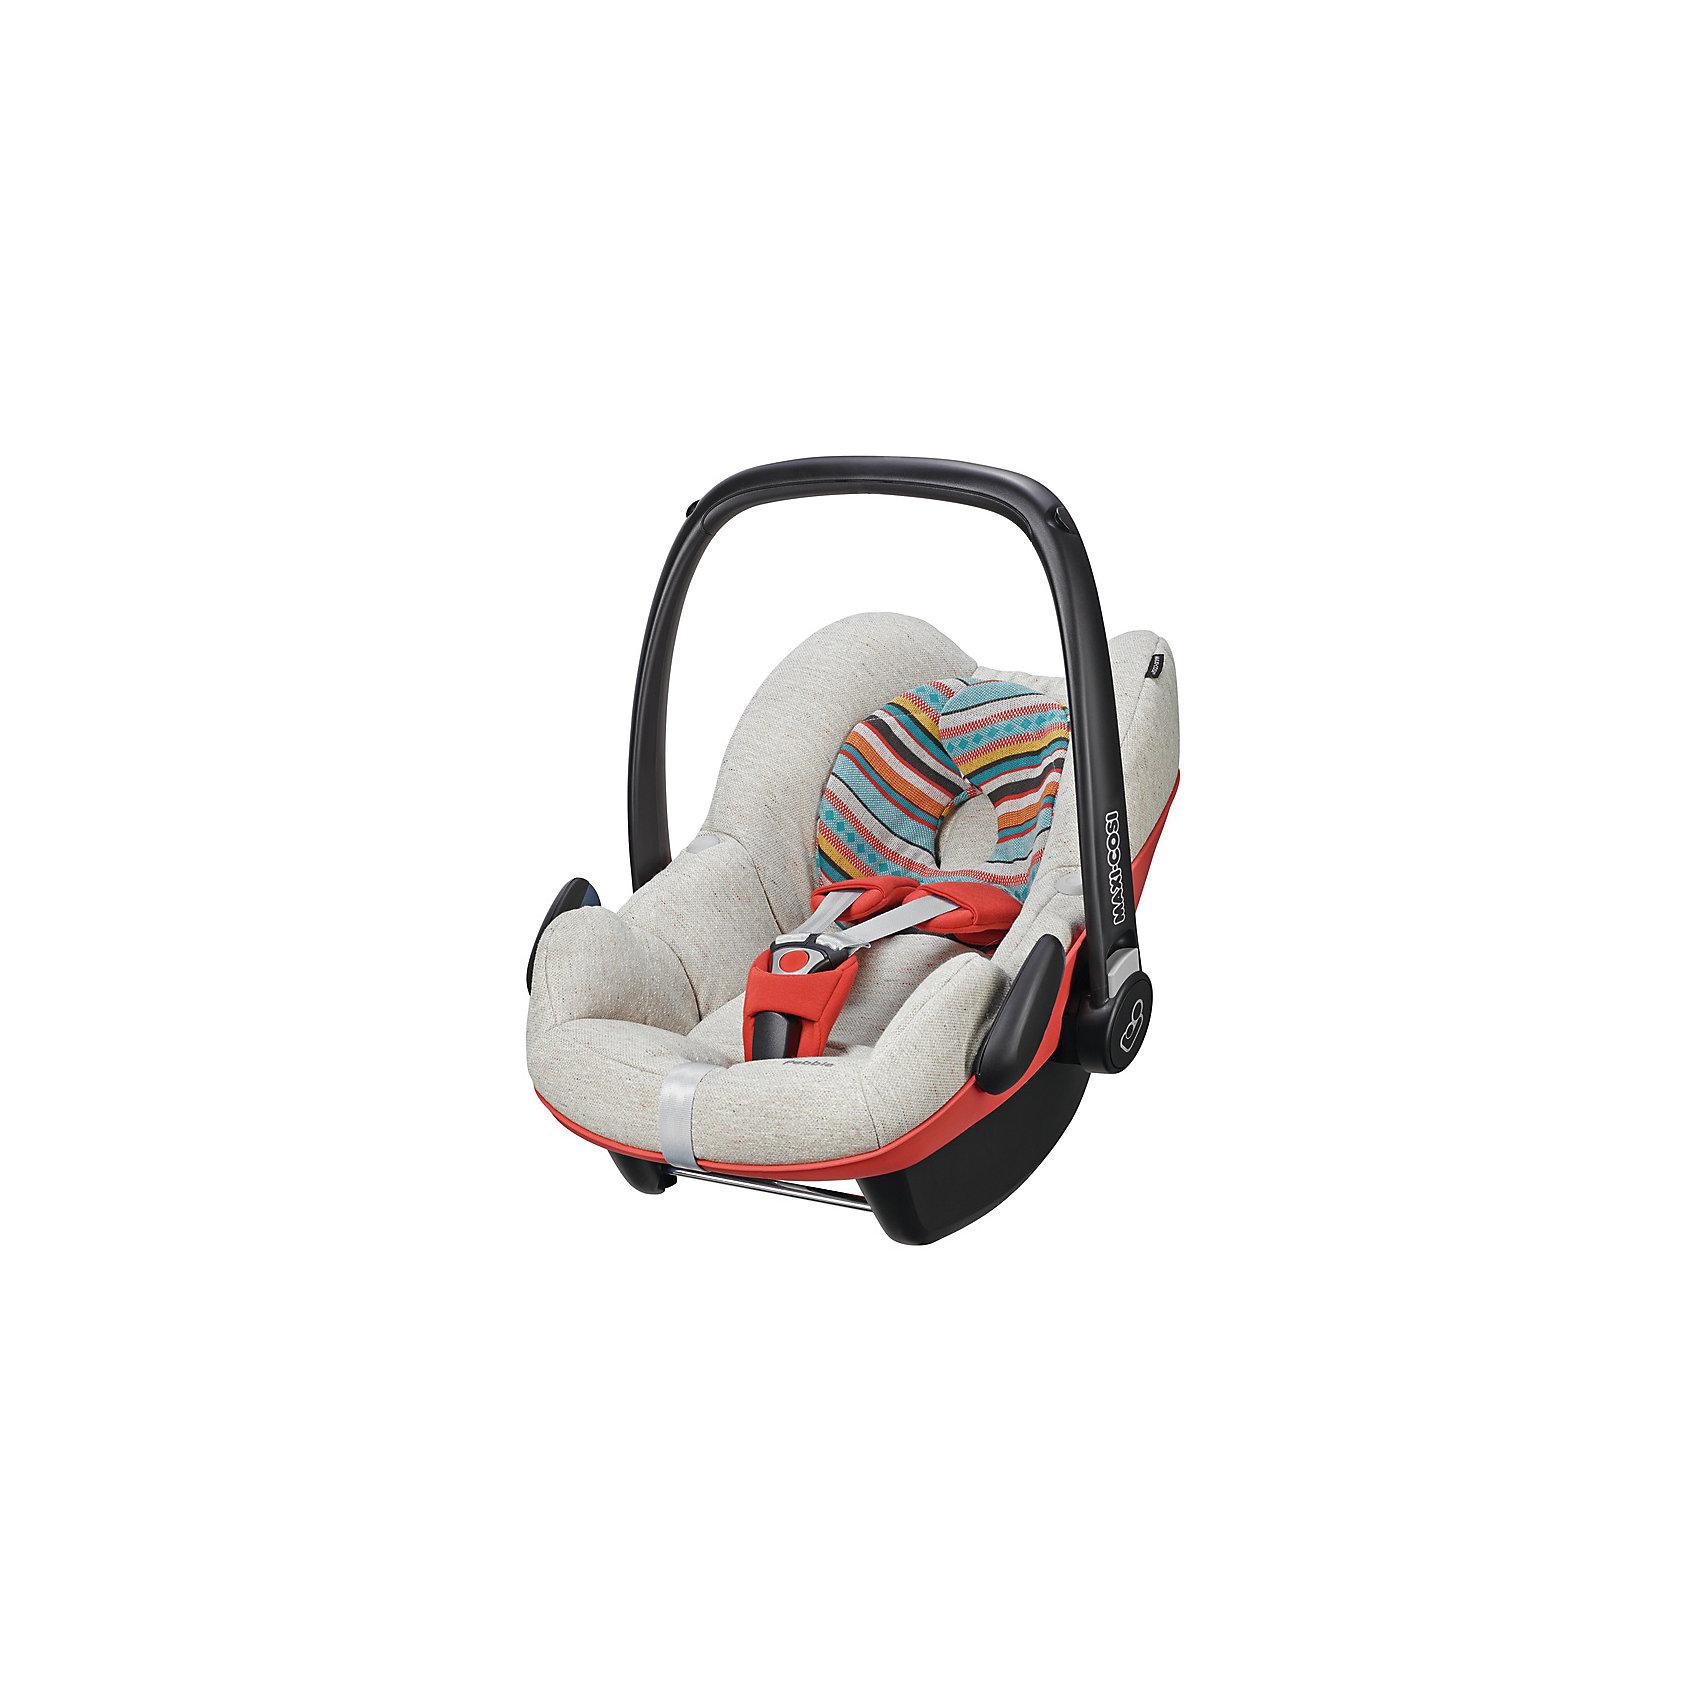 Автокресло Maxi-Cosi Pebble 0-13 кг, Folkloric RedГруппа 0+ (До 13 кг)<br>Прекрасное кресло для самых маленьких деток! Автокресло прекрасно подойдет для малышей от 0 до 15 месяцев. Кресло крепиться штатными ремнями безопасности против хода движения, так же кресло имеет специальную ногу-опору, которая не дает ему перевернуться. Внутри сидения есть регулируемые трех точечные ремни безопасности, а еще есть дополнительная подушечка, которая размещается под головой и спинкой ребенка.<br><br>Дополнительная информация:<br><br>- Возраст: с рождения до 15 месяцев. ( от 0 до 13 кг.)<br>- Цвет: Folkloric Red.<br>- Размер: 73x46x52 см. <br>- Общий вес: 4 кг.<br><br>Купить автокресло Pebble (0-13 кг.) в цвете Folkloric Red, можно в нашем магазине.<br><br>Ширина мм: 445<br>Глубина мм: 375<br>Высота мм: 725<br>Вес г: 3300<br>Возраст от месяцев: 0<br>Возраст до месяцев: 12<br>Пол: Унисекс<br>Возраст: Детский<br>SKU: 4975087